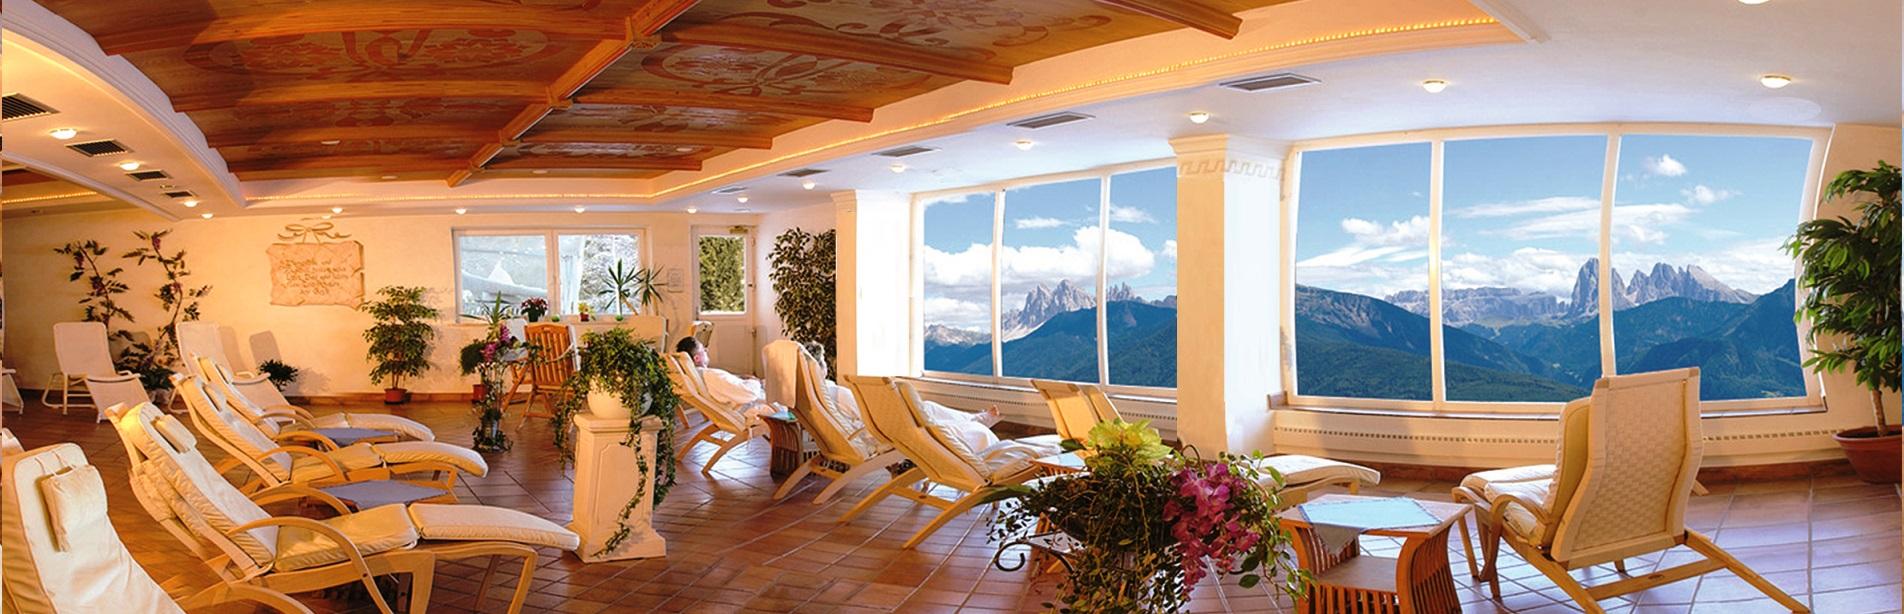 Hotel Sambergerhof ruheraum-2